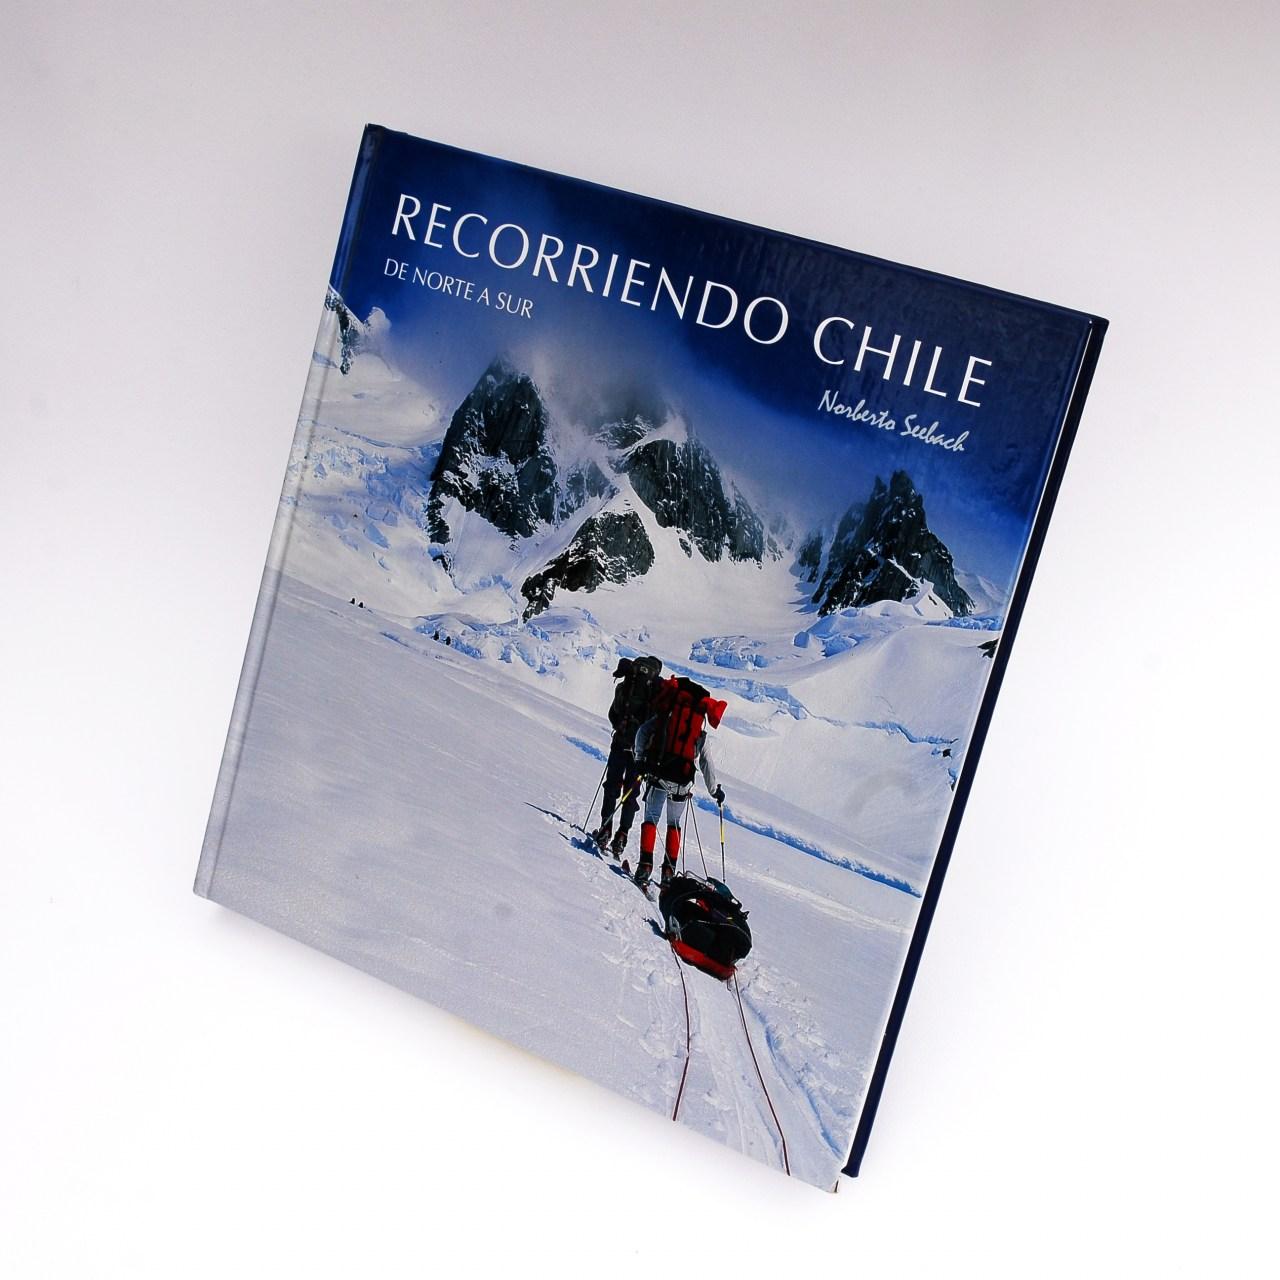 Libro Recorriendo Chile Norberto Seebach